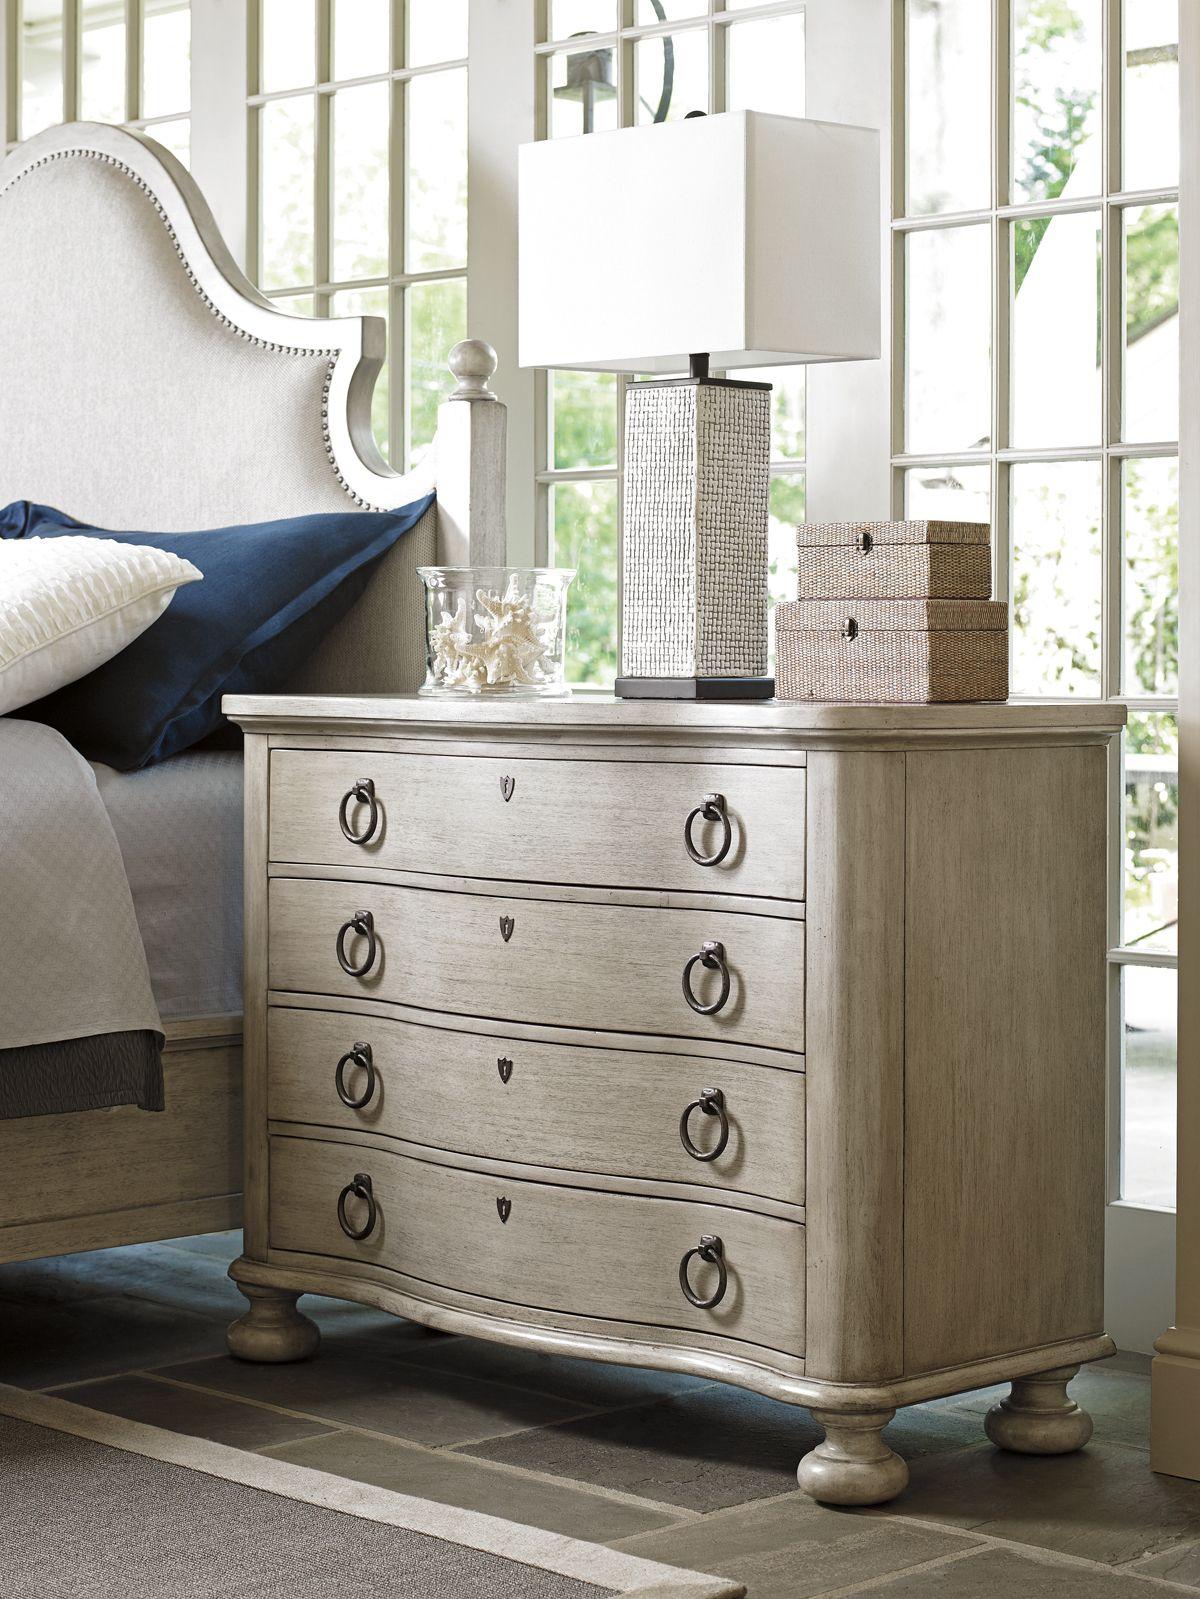 Oyster Bay Bridgeport Bachelors Chest | Lexington Home Brands